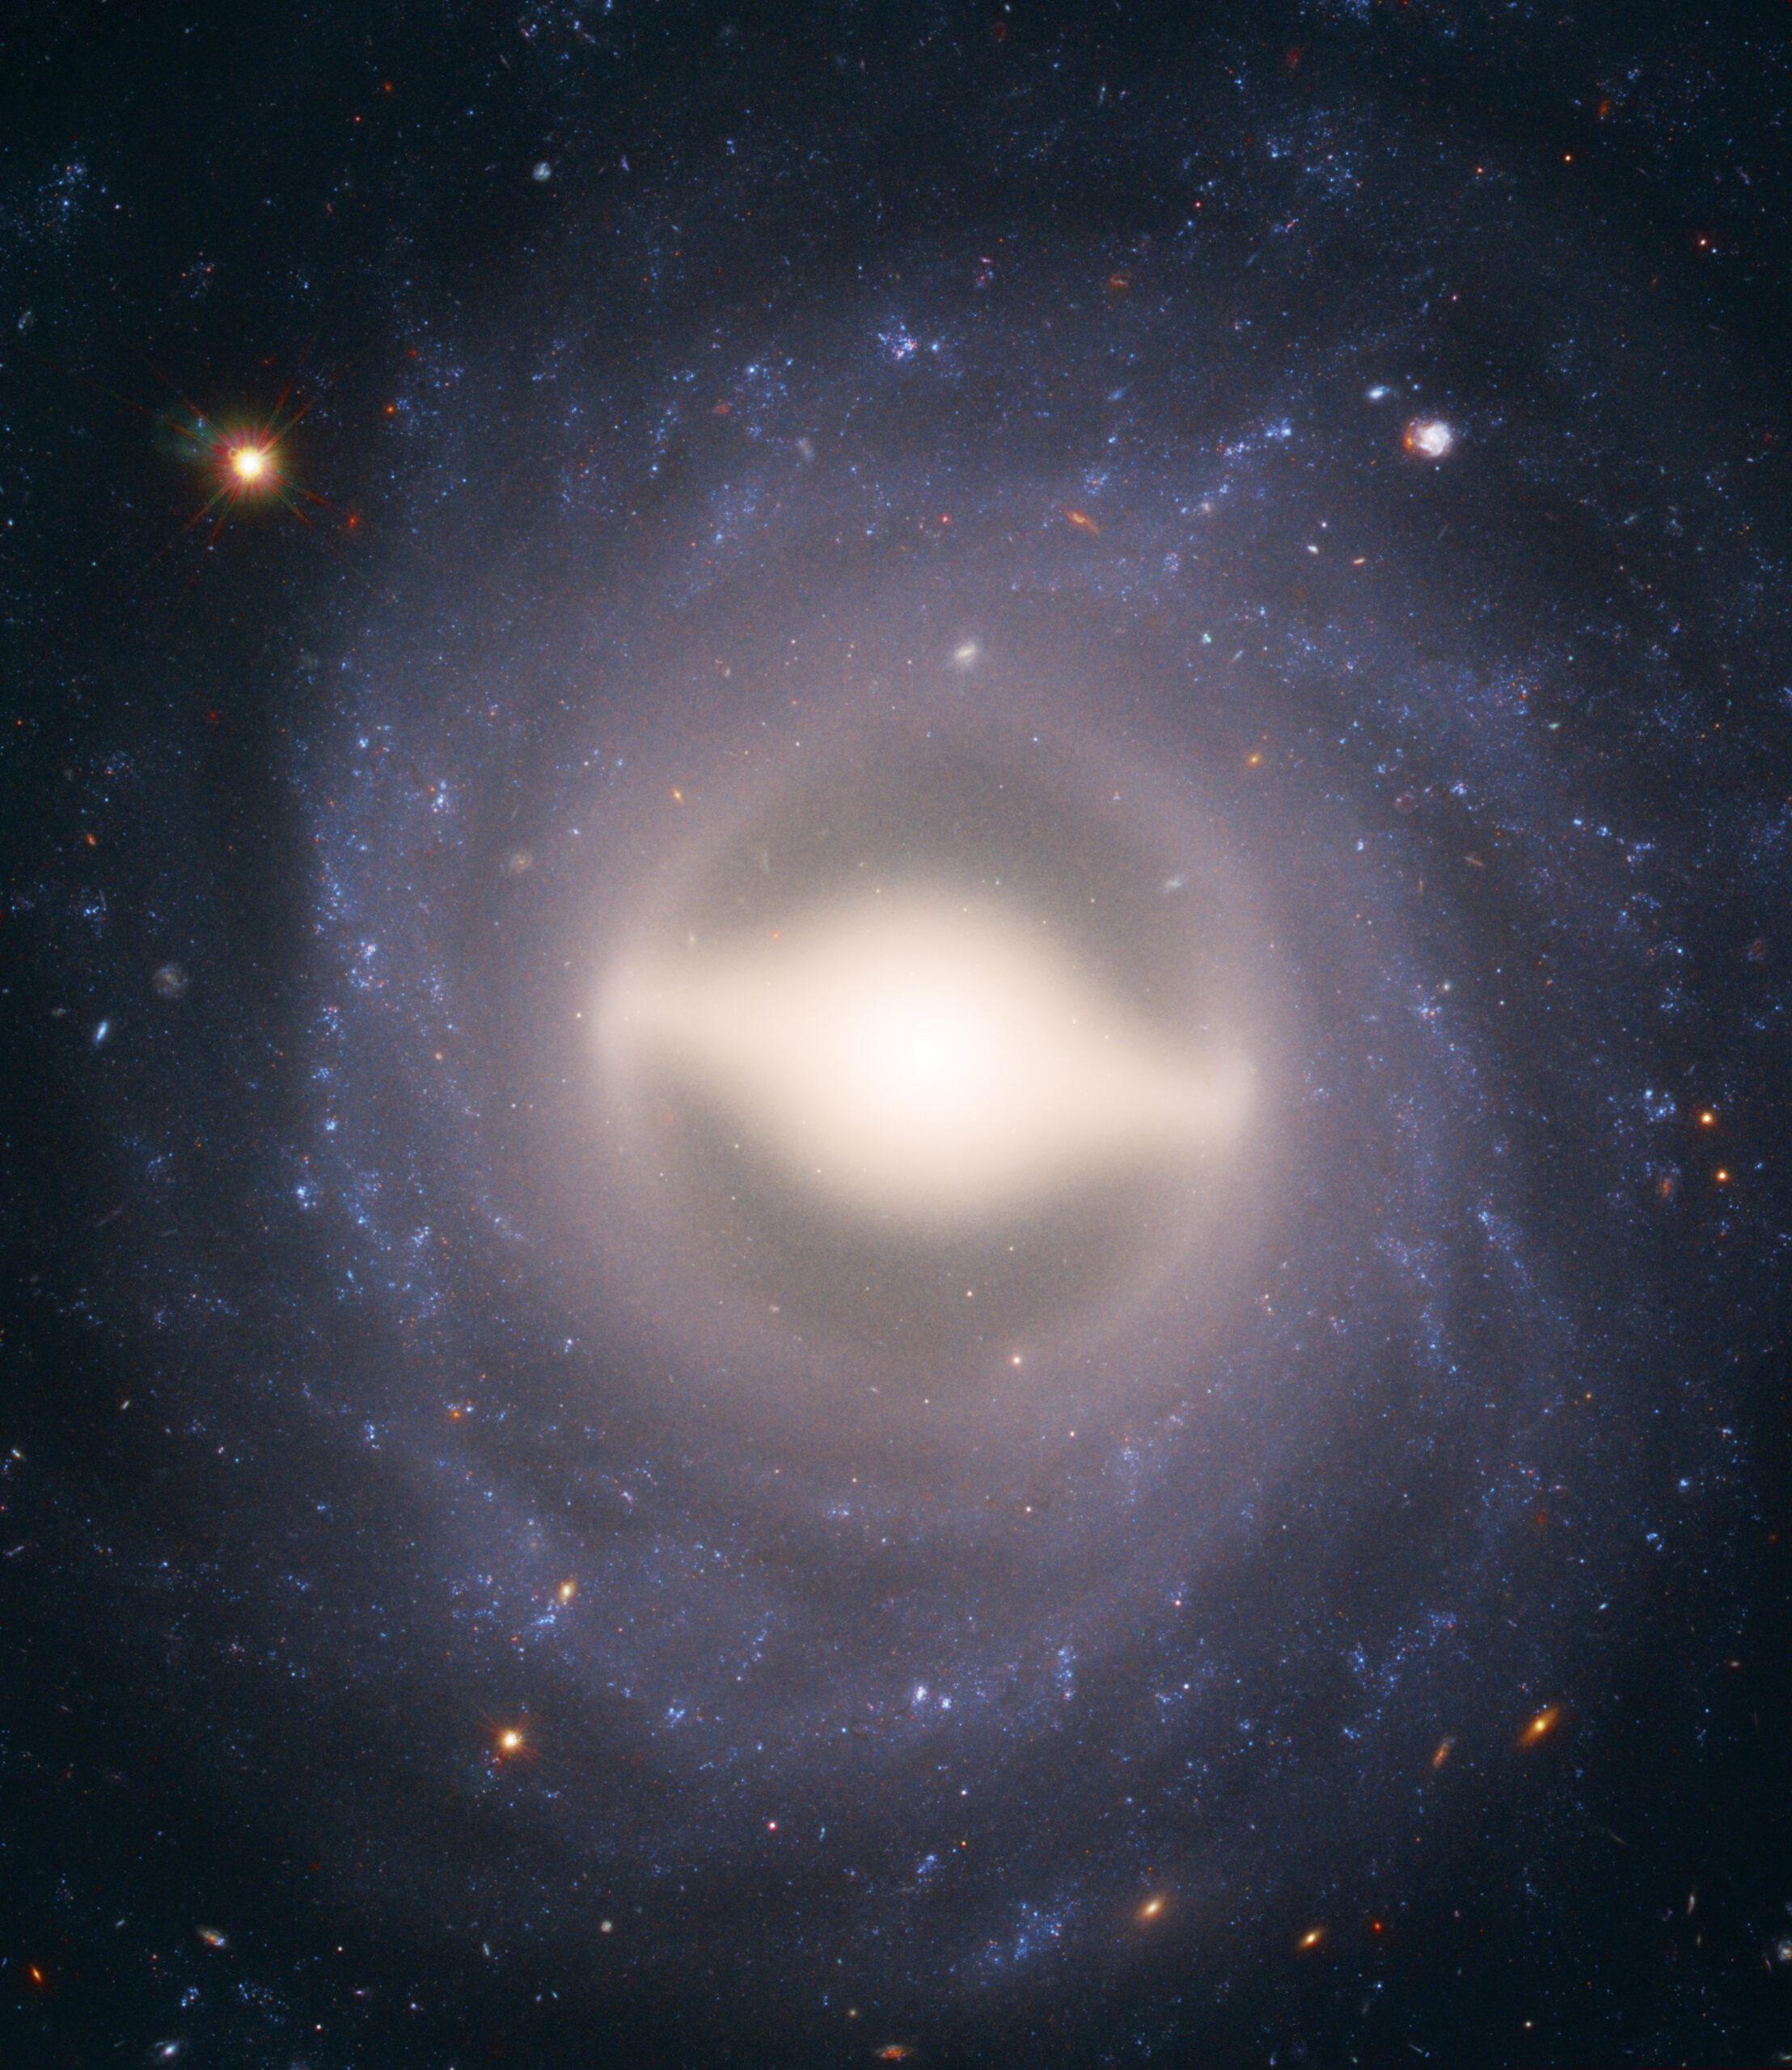 NGC 1015